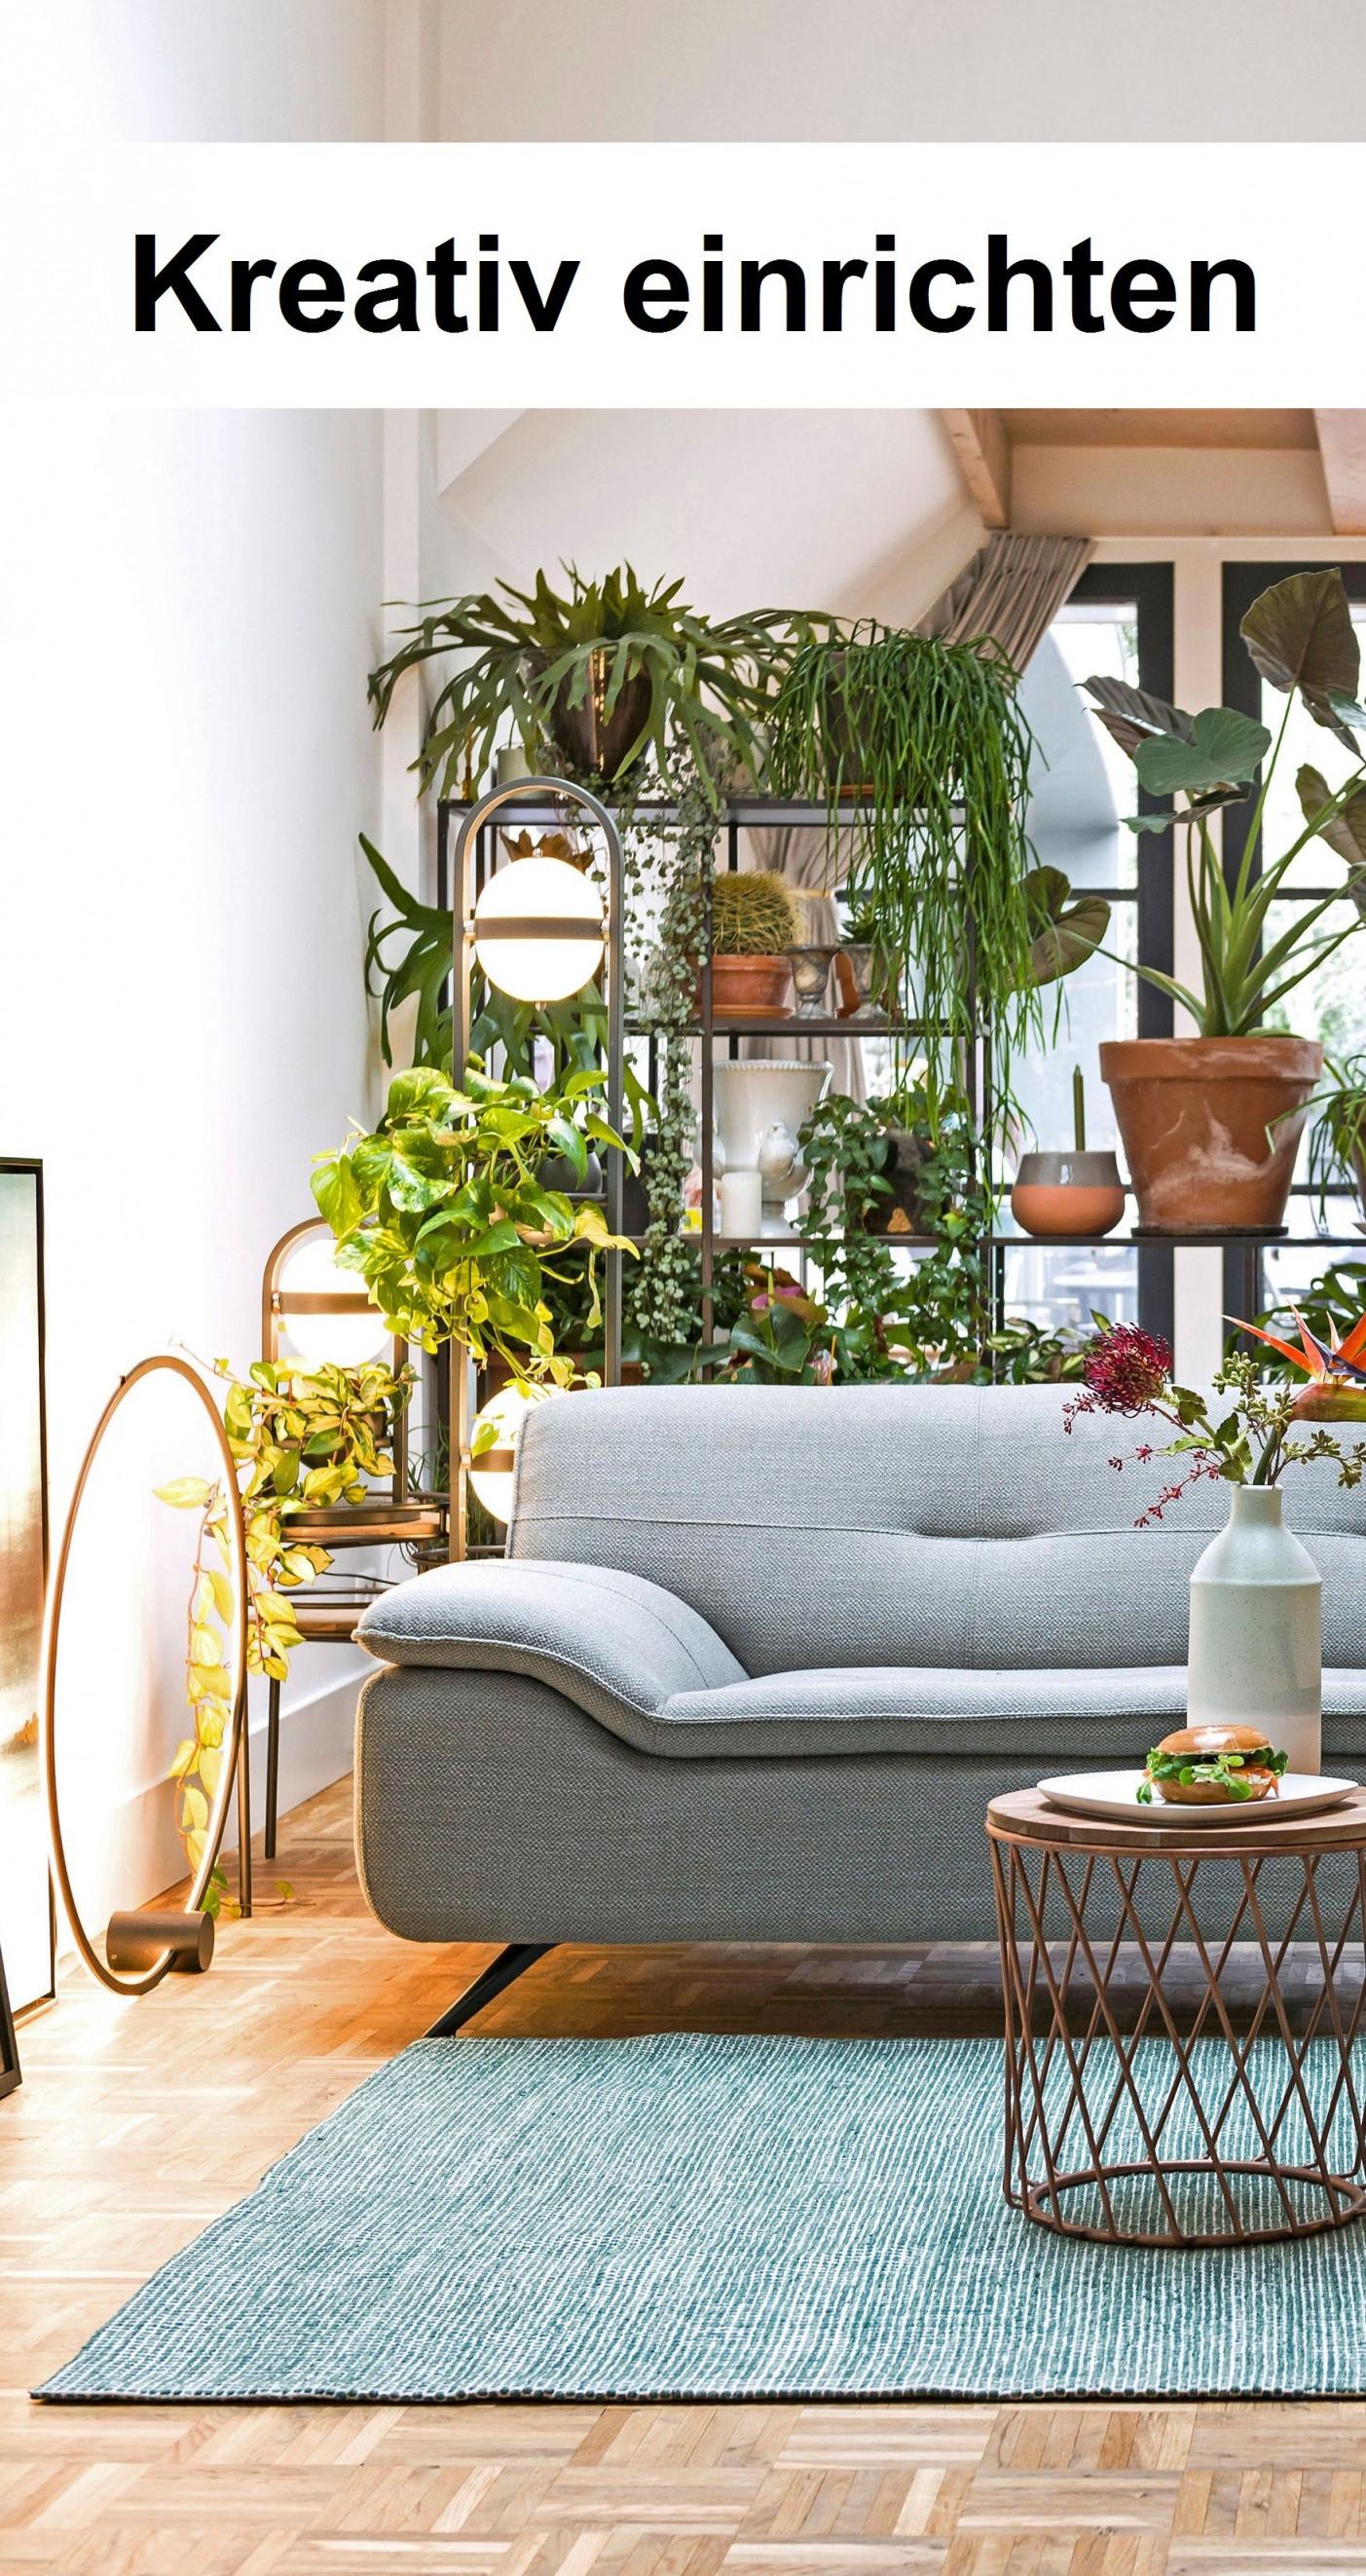 5 Tipps Wohnzimmer Kreativ Einrichten In 2020 (Mit Bildern von Wohnzimmer Kreativ Gestalten Photo